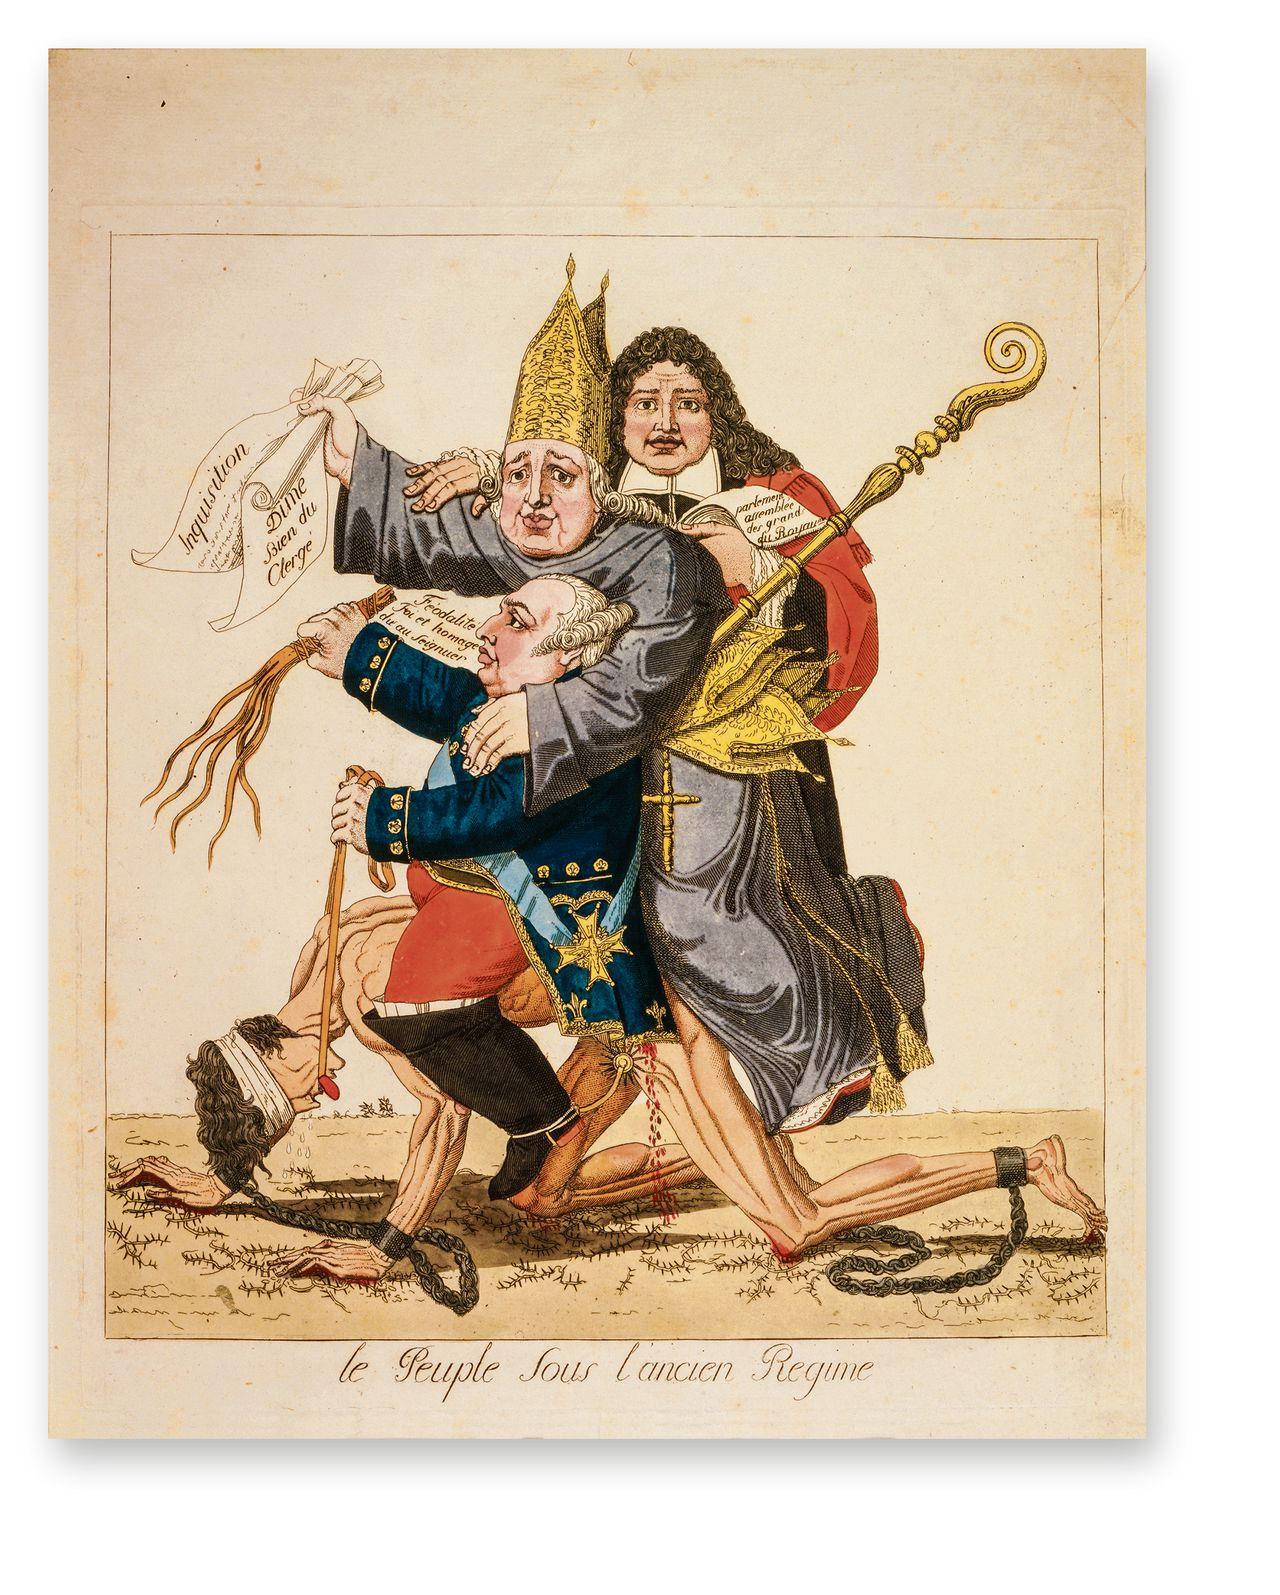 Le Peuple sous l'ancien Régime, 'Het volk onder het Ancien Régime': Franse spotprent uit 1815 met Lodewijk XVI, een bisschop en een edelman op de rug van een geketende en geblinddoekte man die 'het volk' verbeeldt.